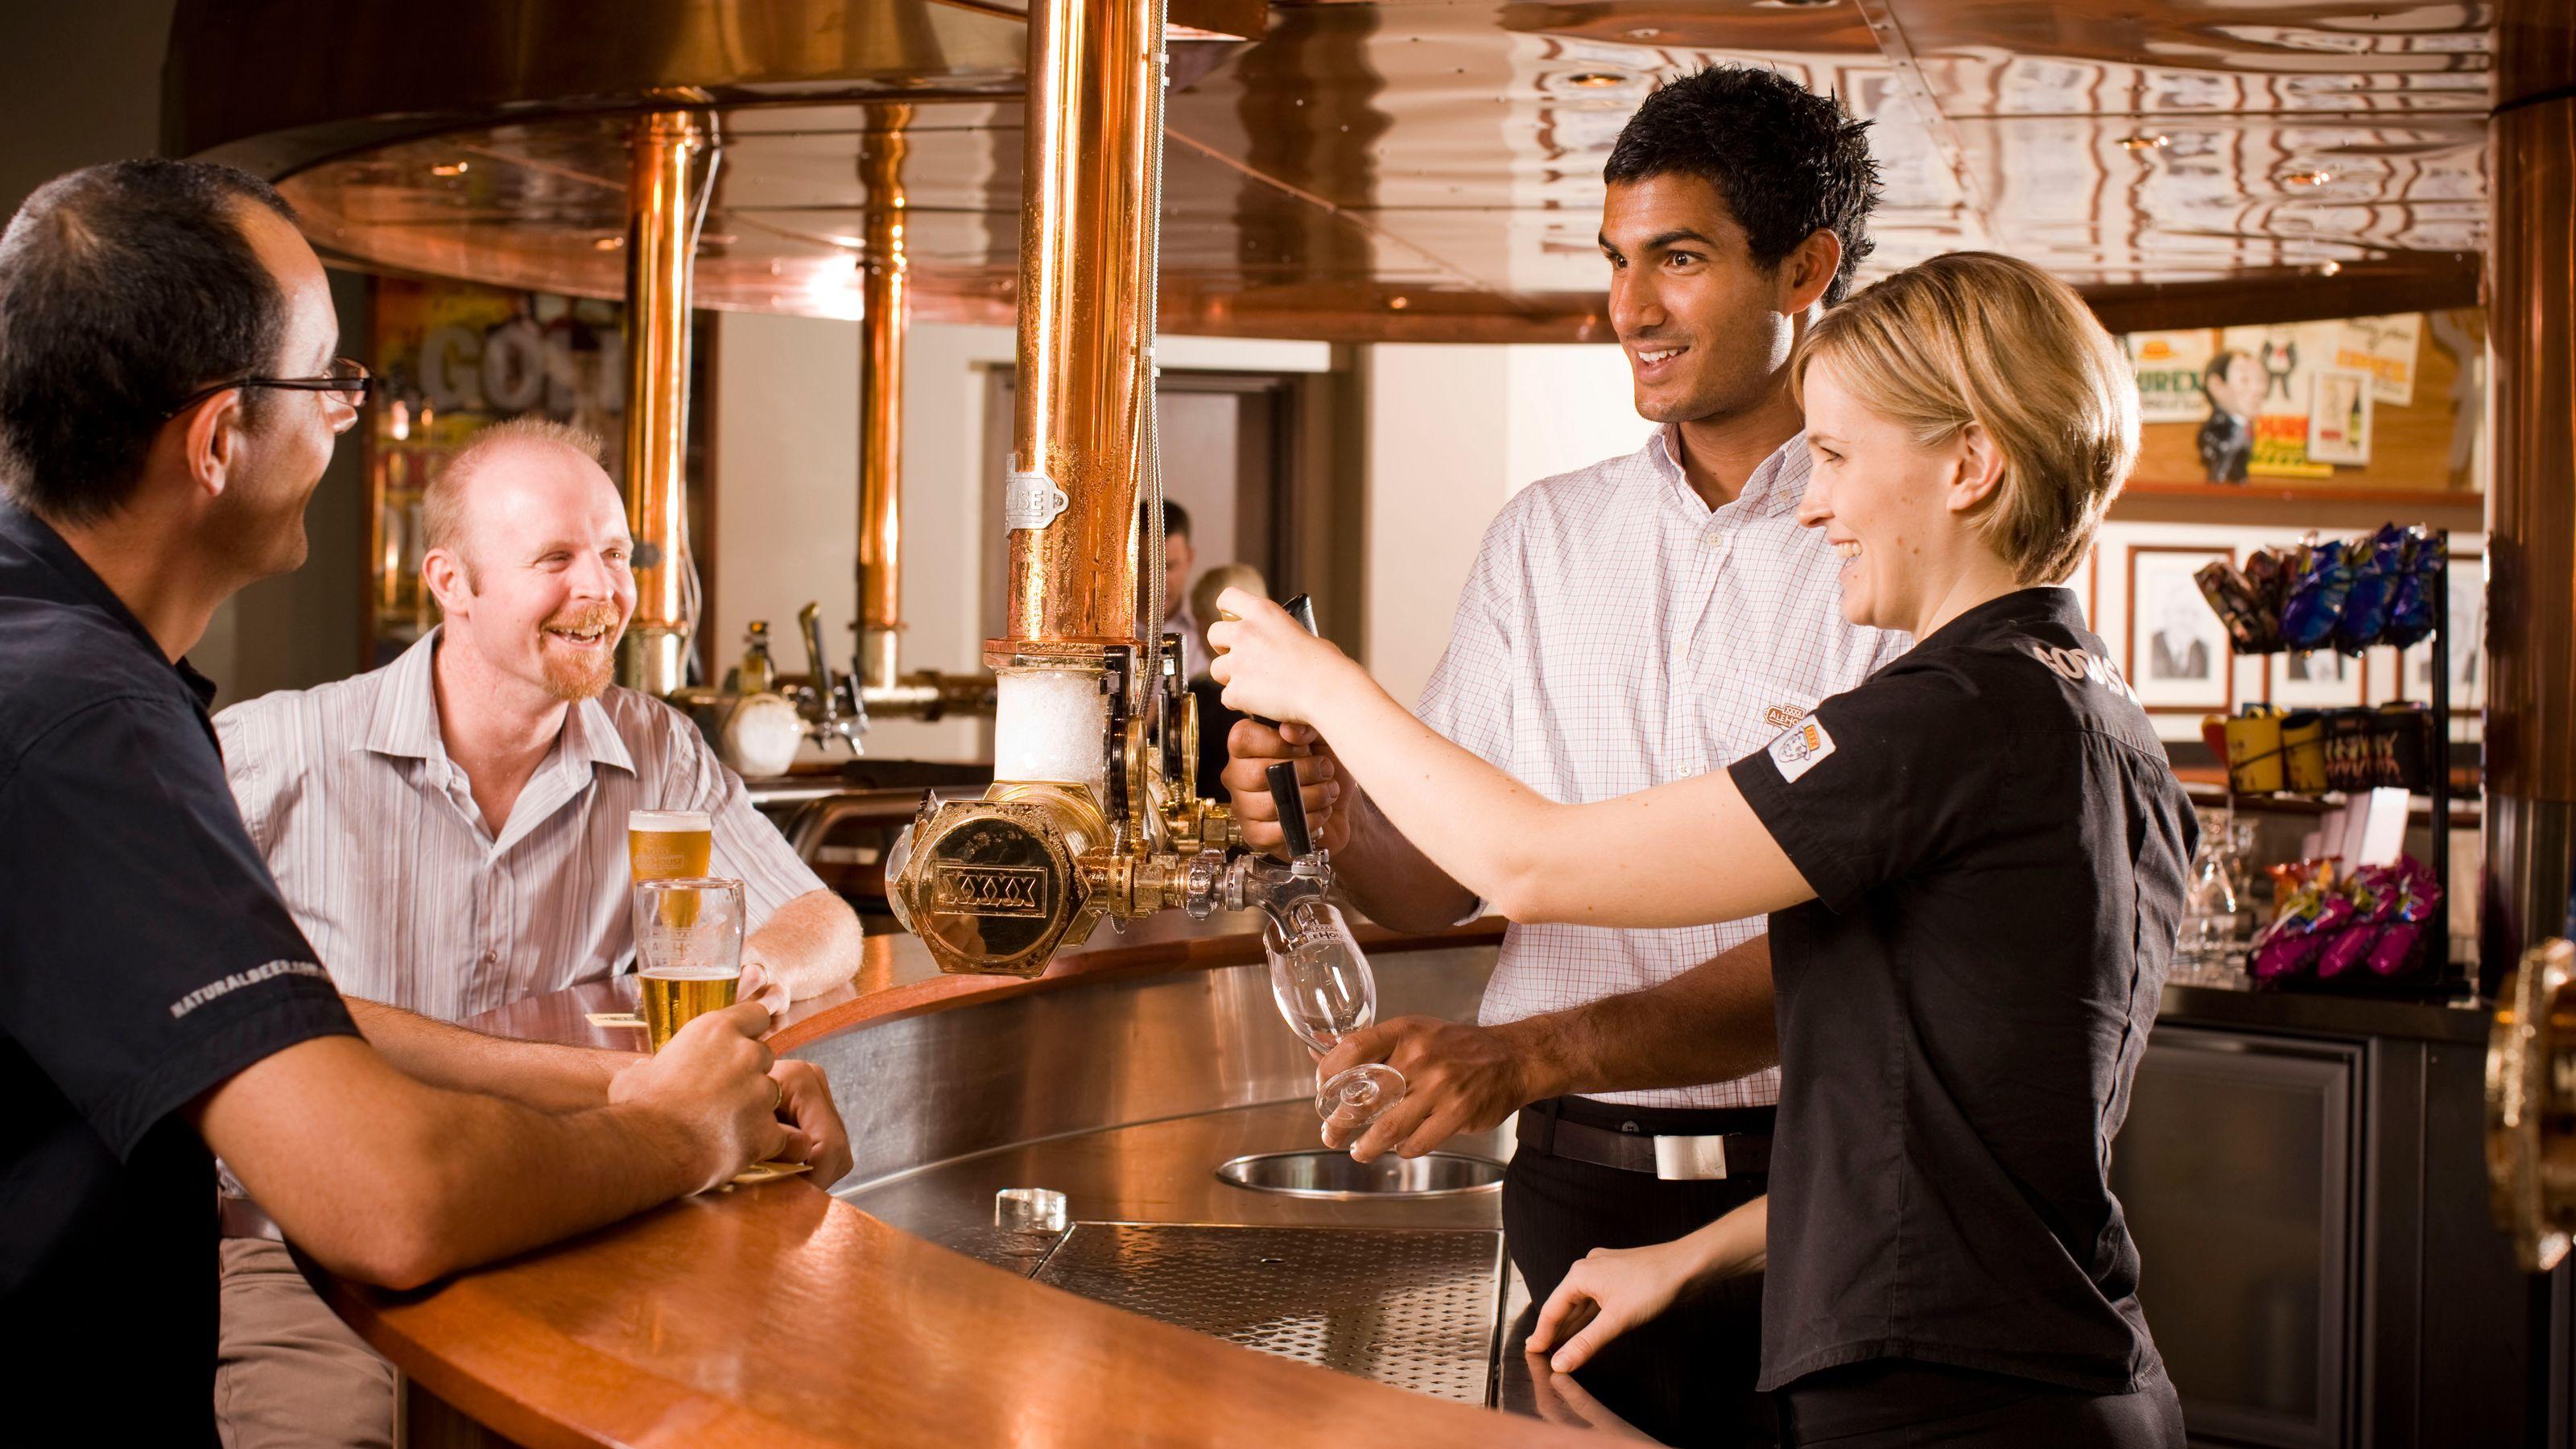 Taste testing on the Brisbane XXXX Brewery Tour in Australia